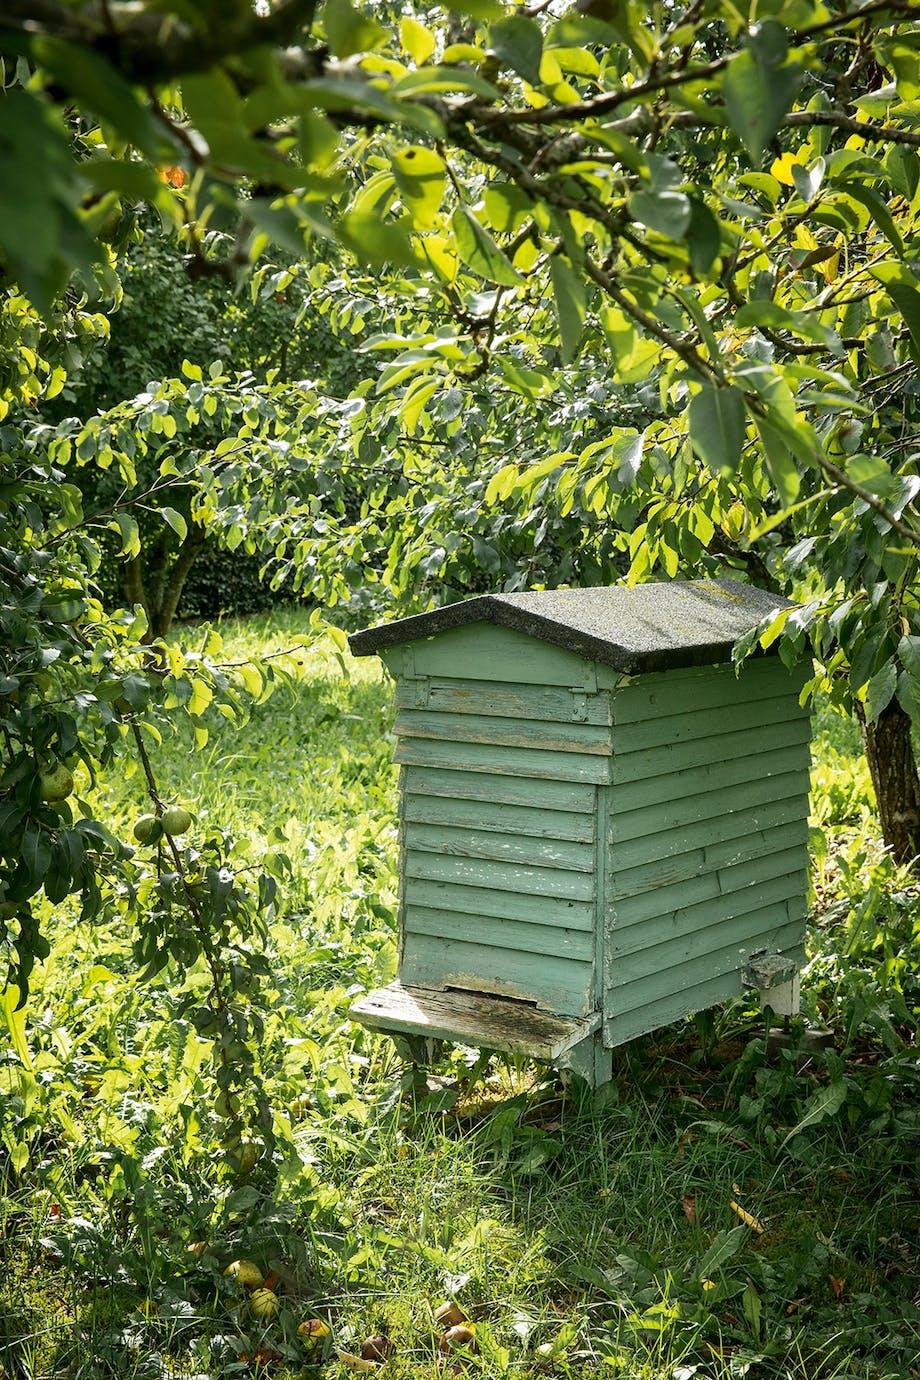 biavler honning biodiversitet æbletræer